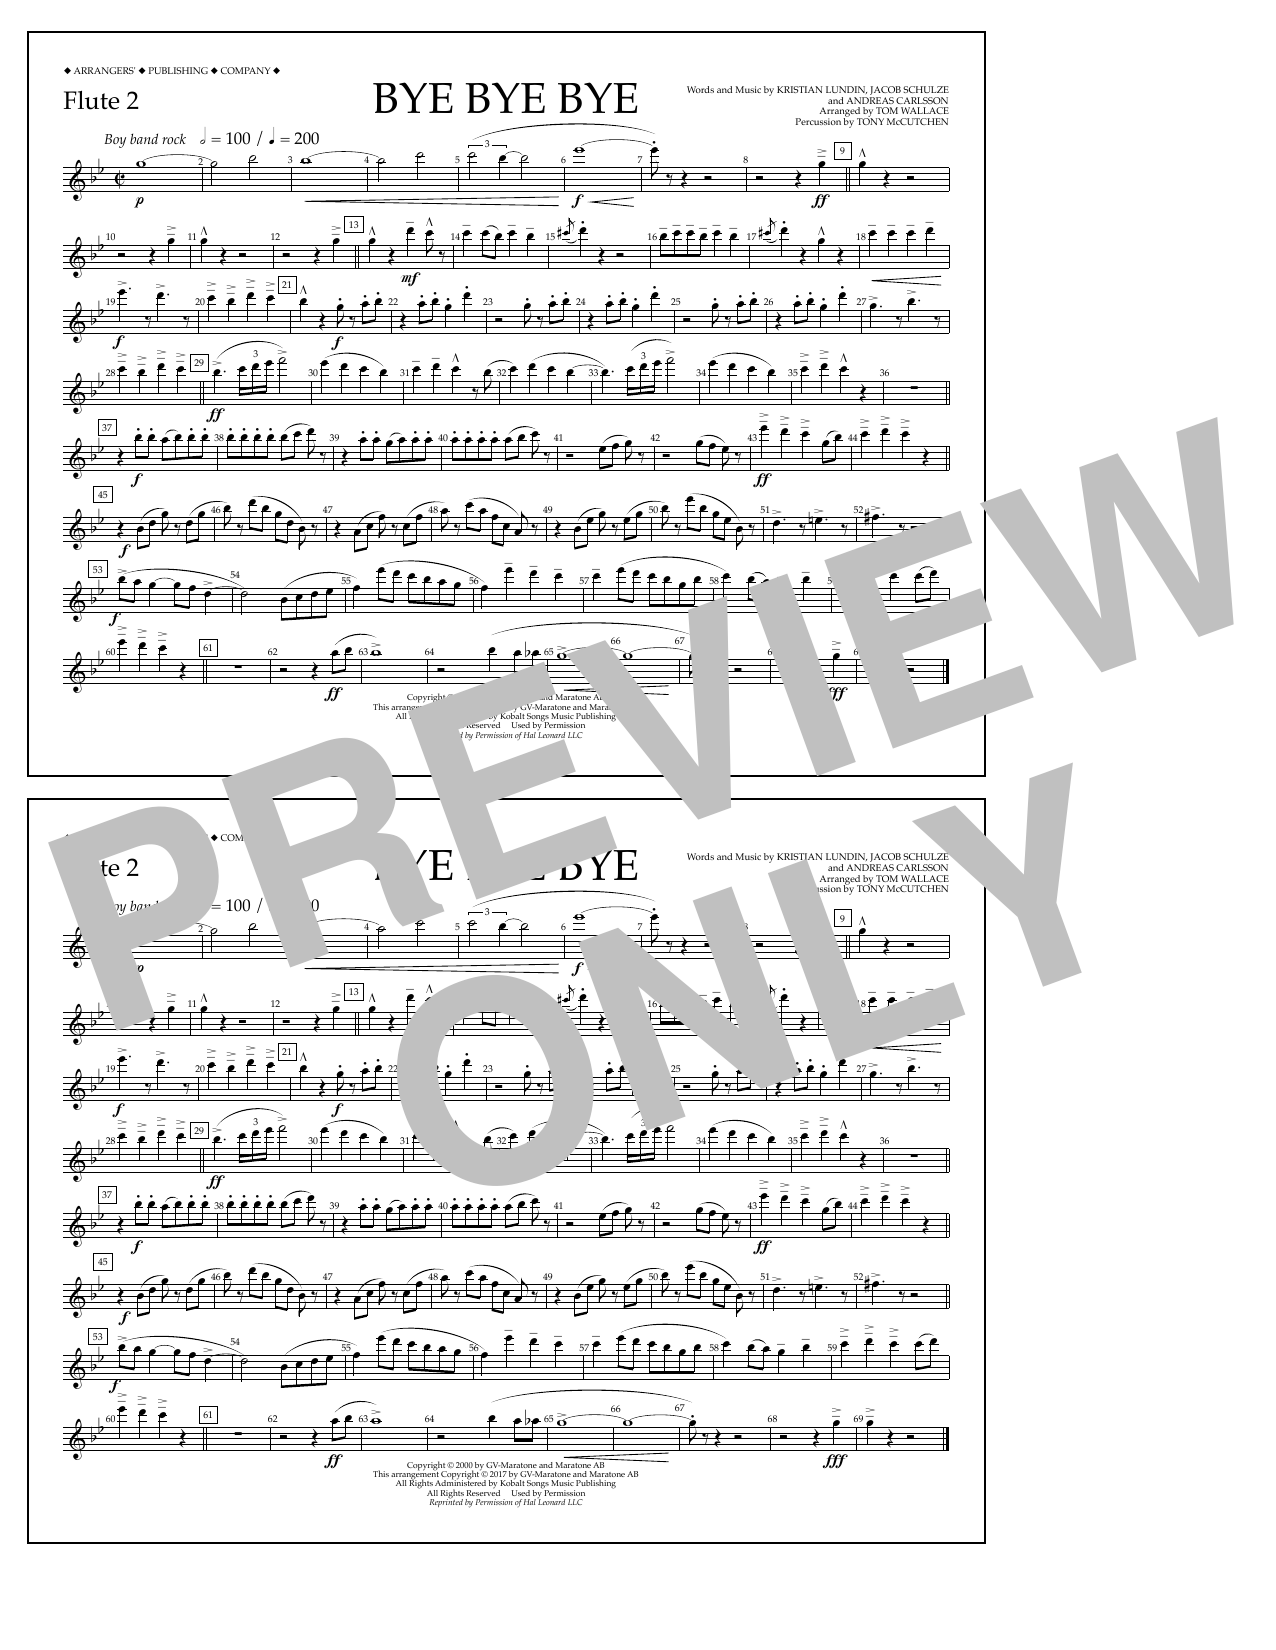 Bye Bye Bye - Flute 2 Sheet Music